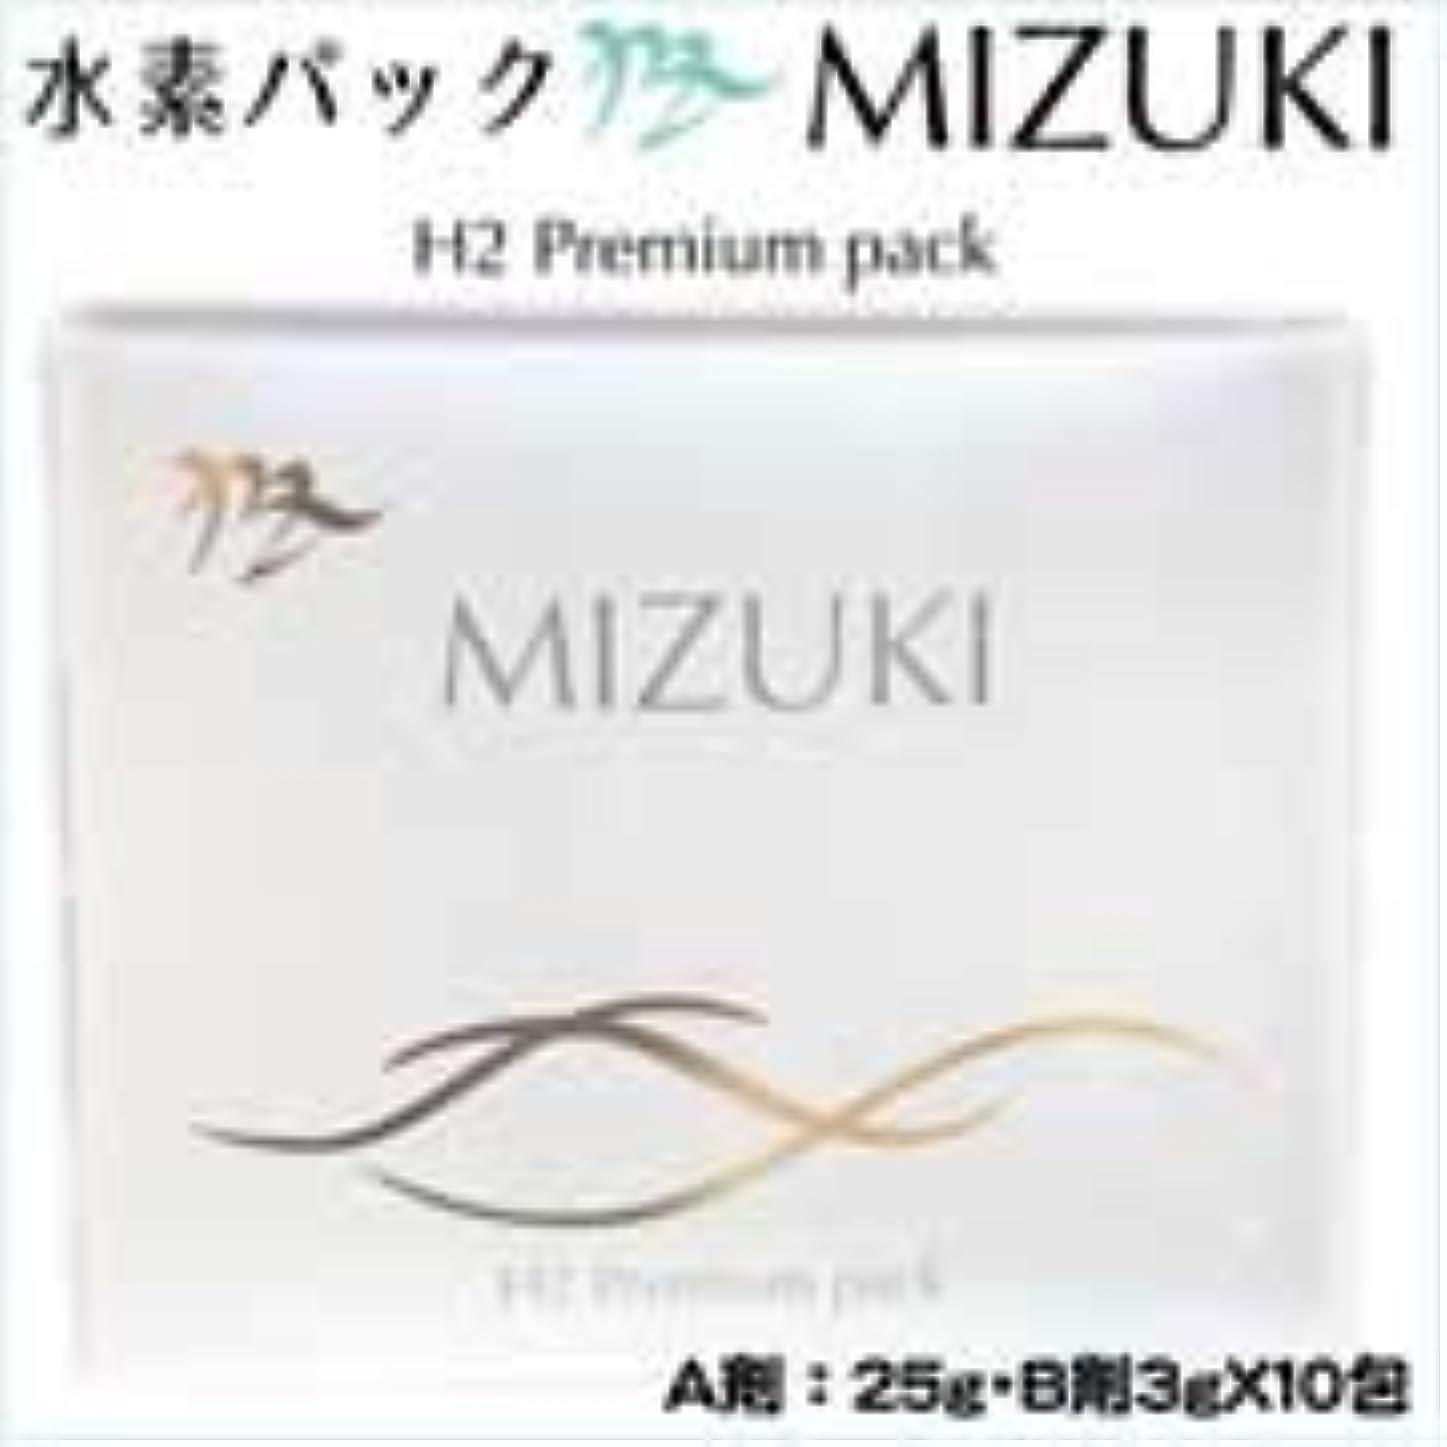 逆に不機嫌そうな株式MIZUKI H2 Premium pack ミズキ プレミアムパック A剤:25g、B剤:3gX10包 スパチュラ付き